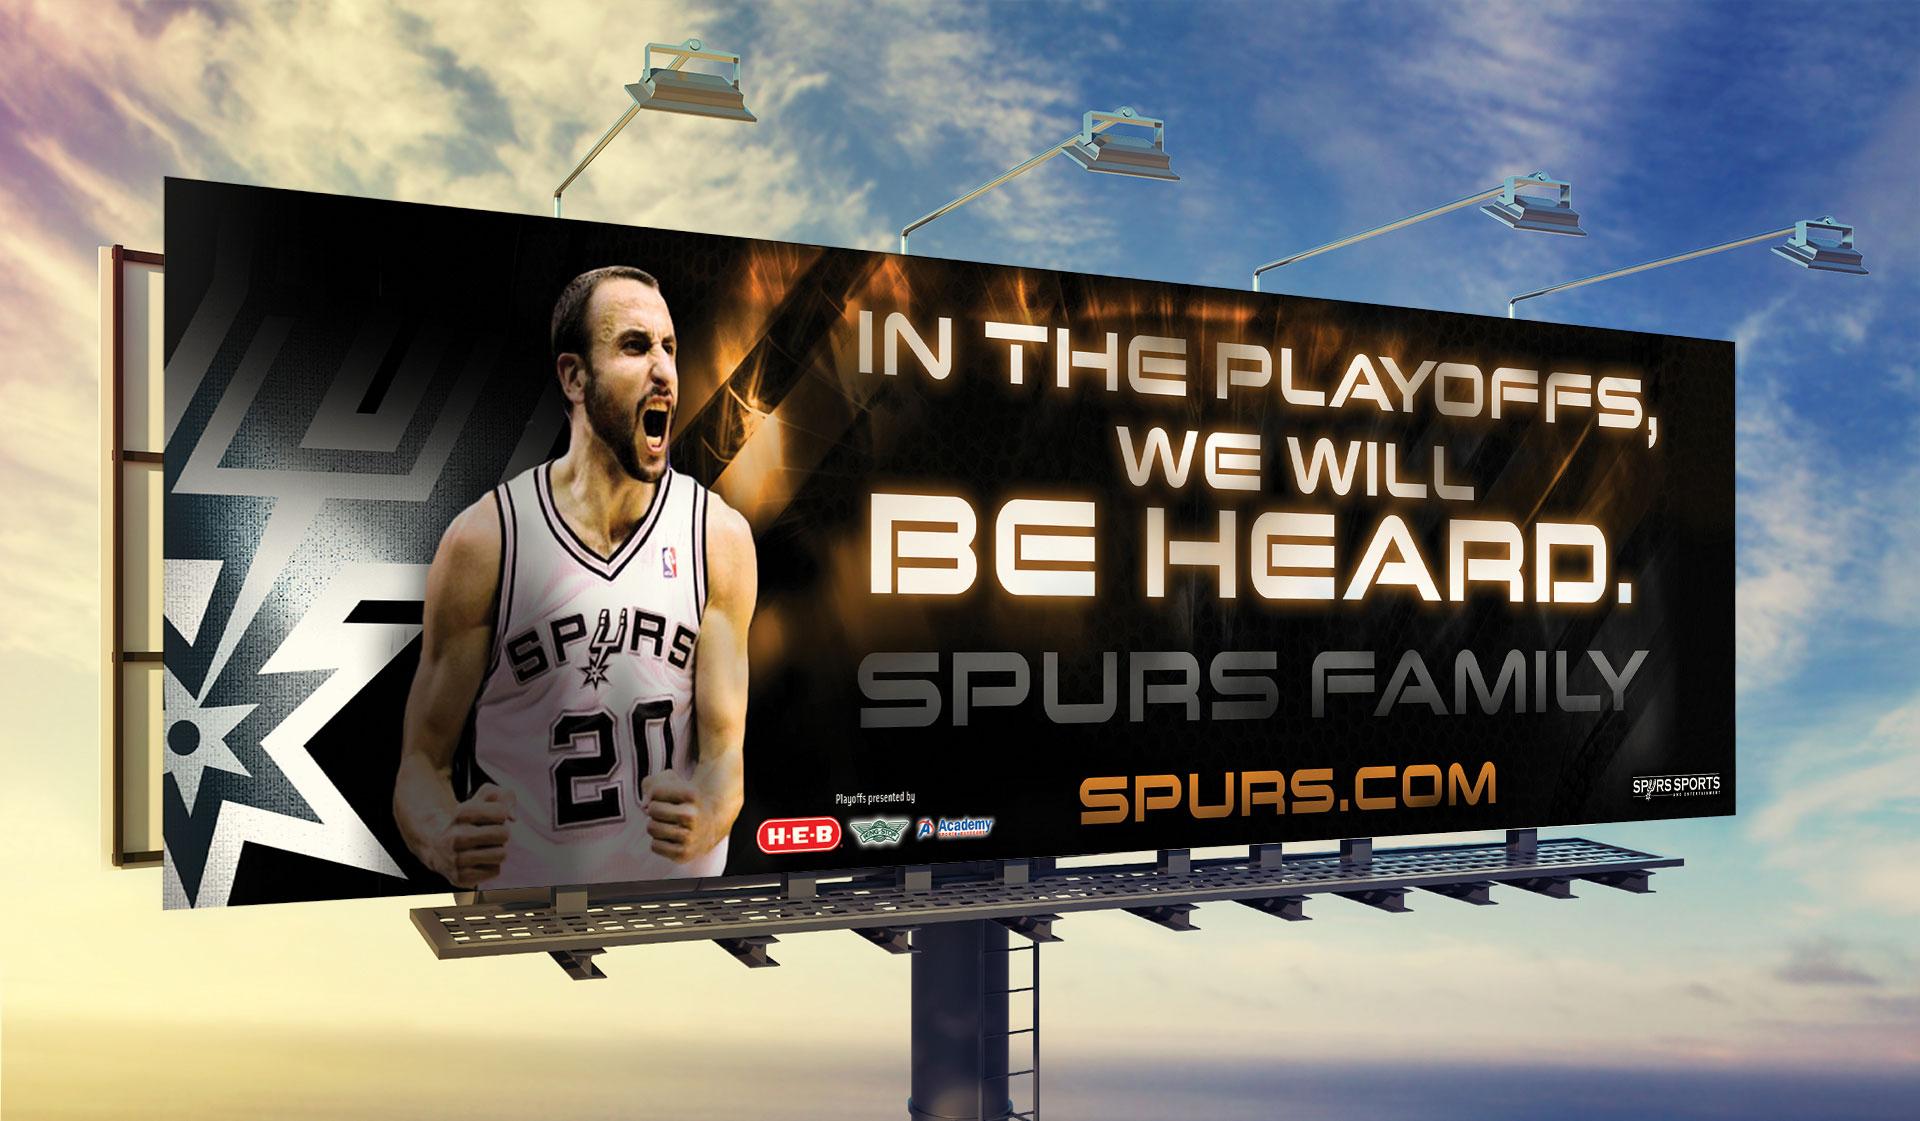 Spurs Playoff Billboard